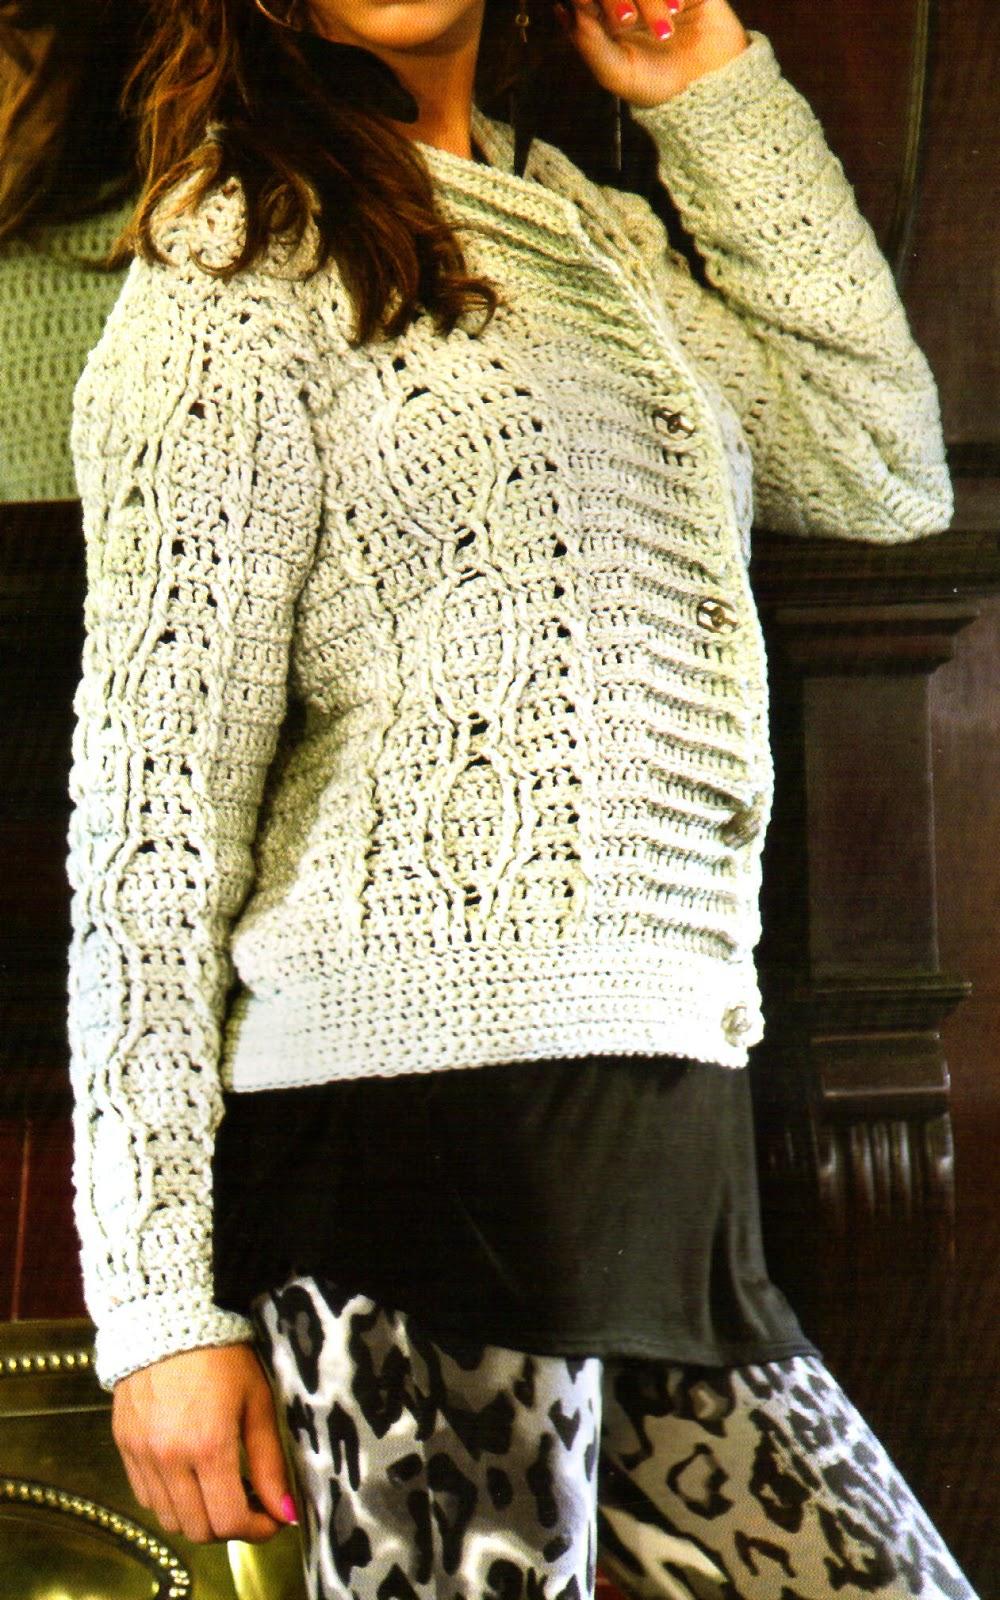 tejidos artesanales en crochet: saquito basico tejido en crochet ...